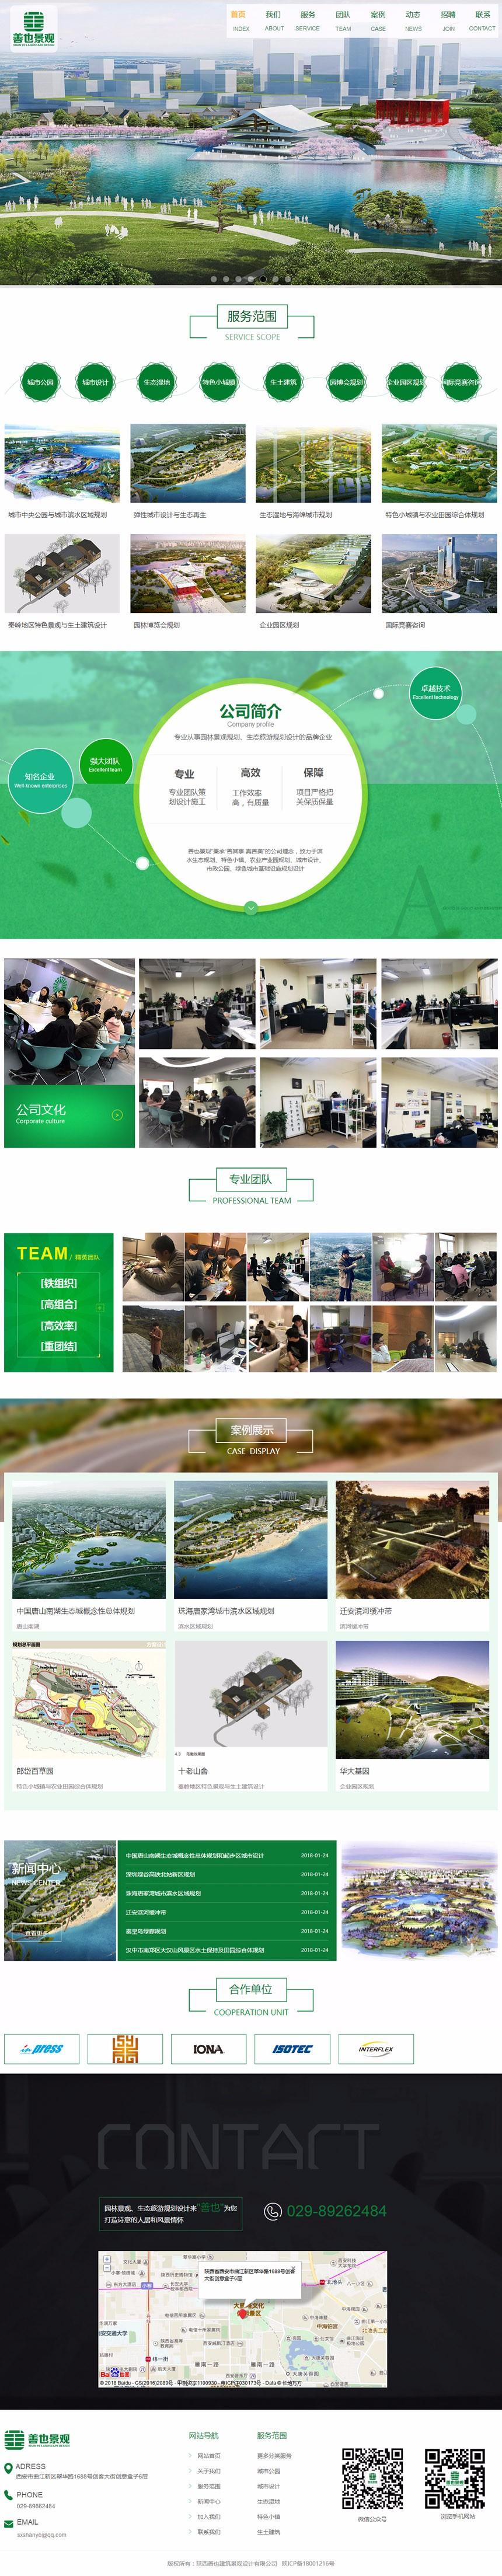 陕西善也建筑景观设计有限公司_园林景观设计公司_城市规划.jpg